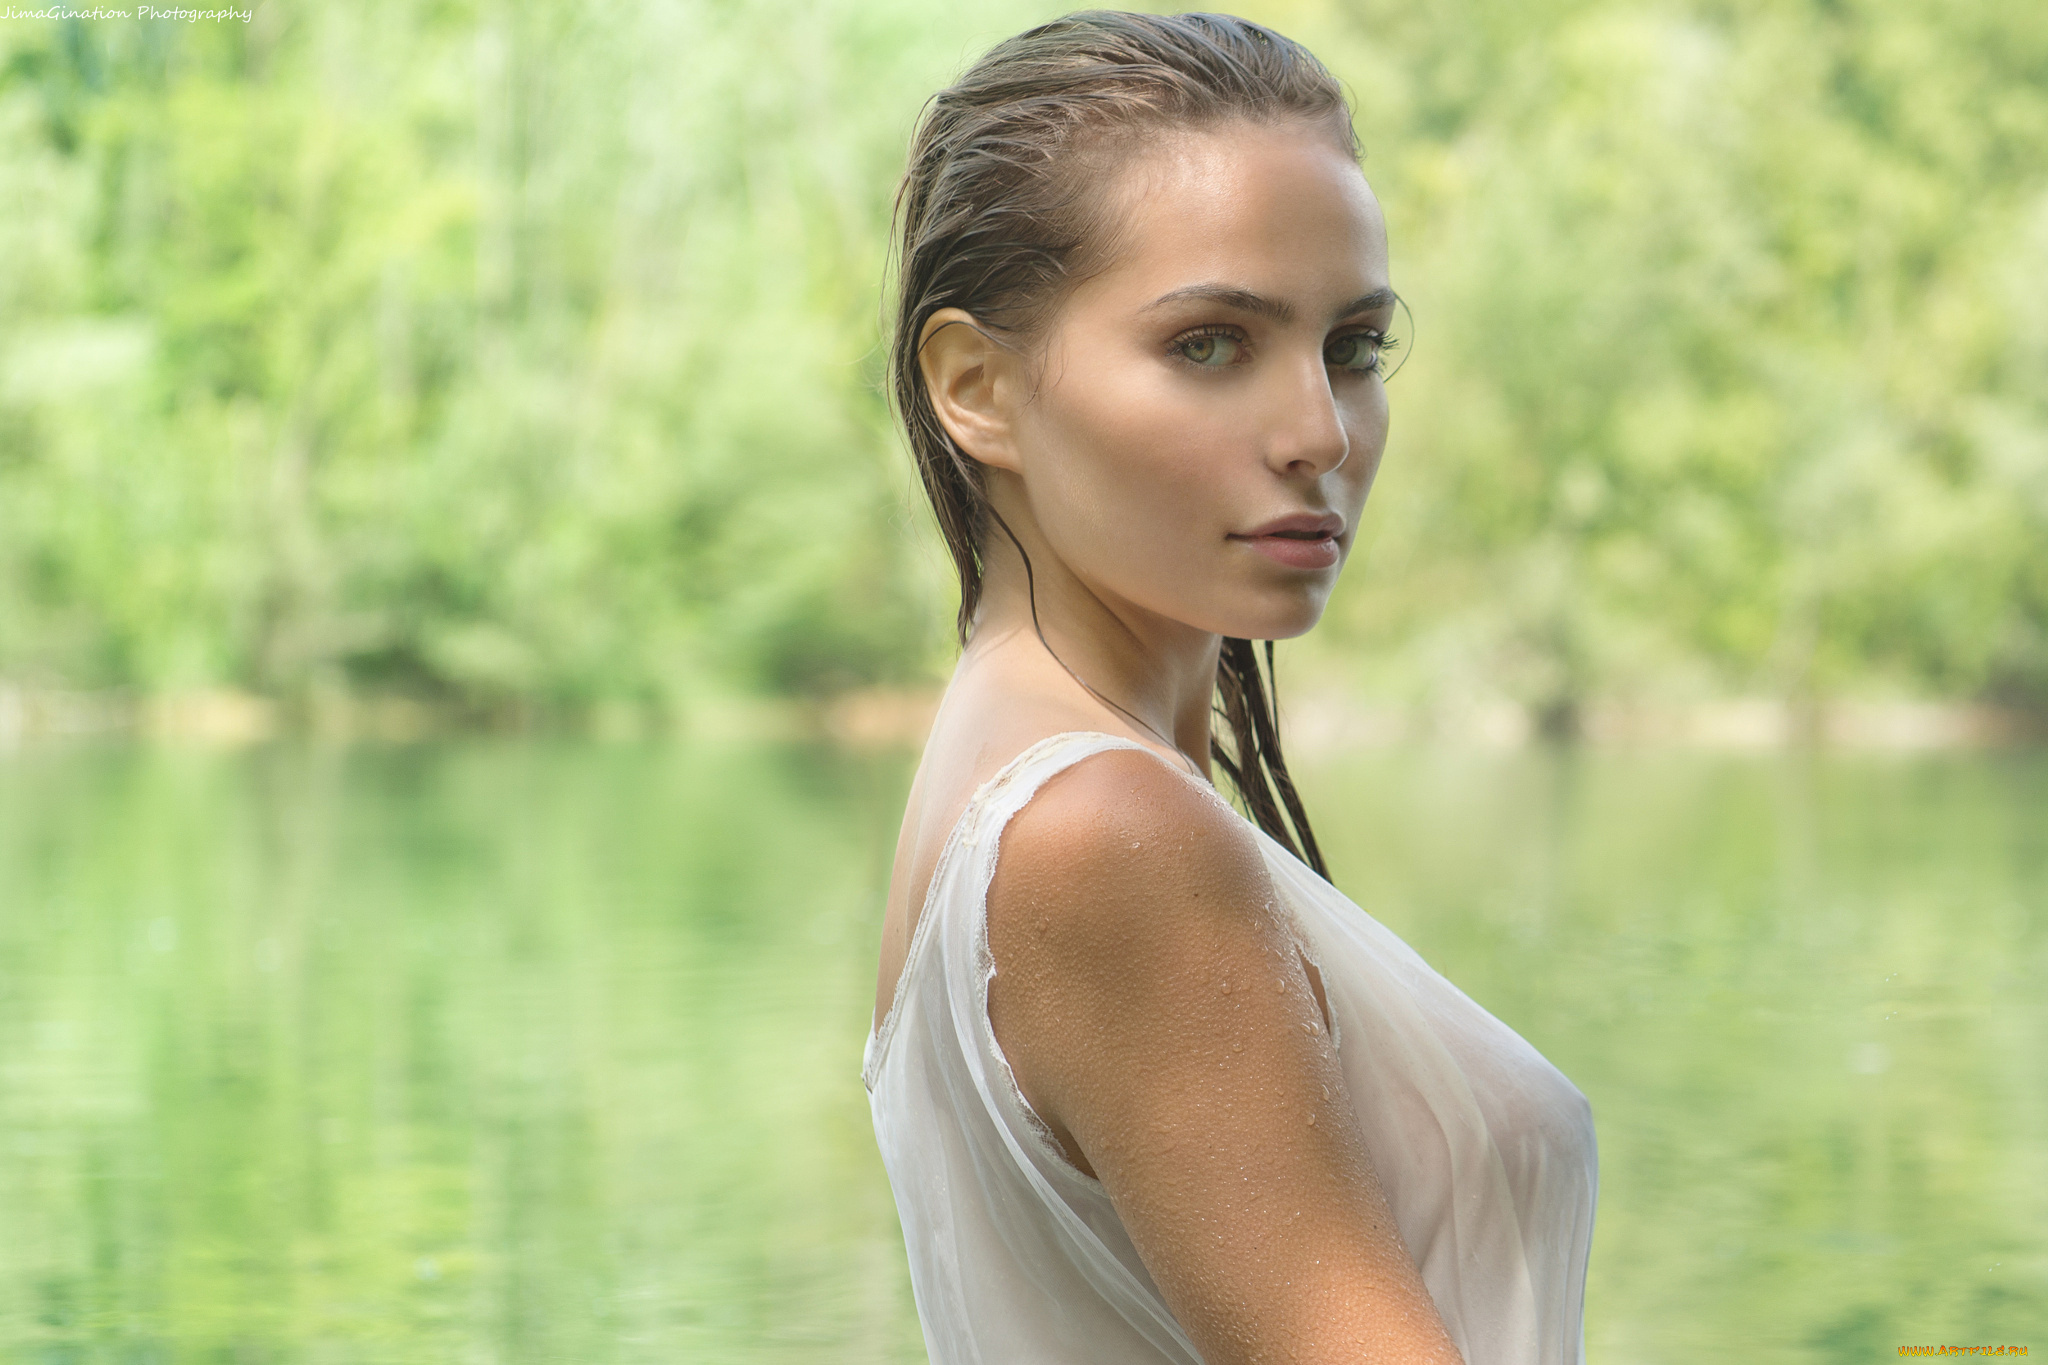 Привлекательная брюнетка шалит на речке красиво и мило  541452